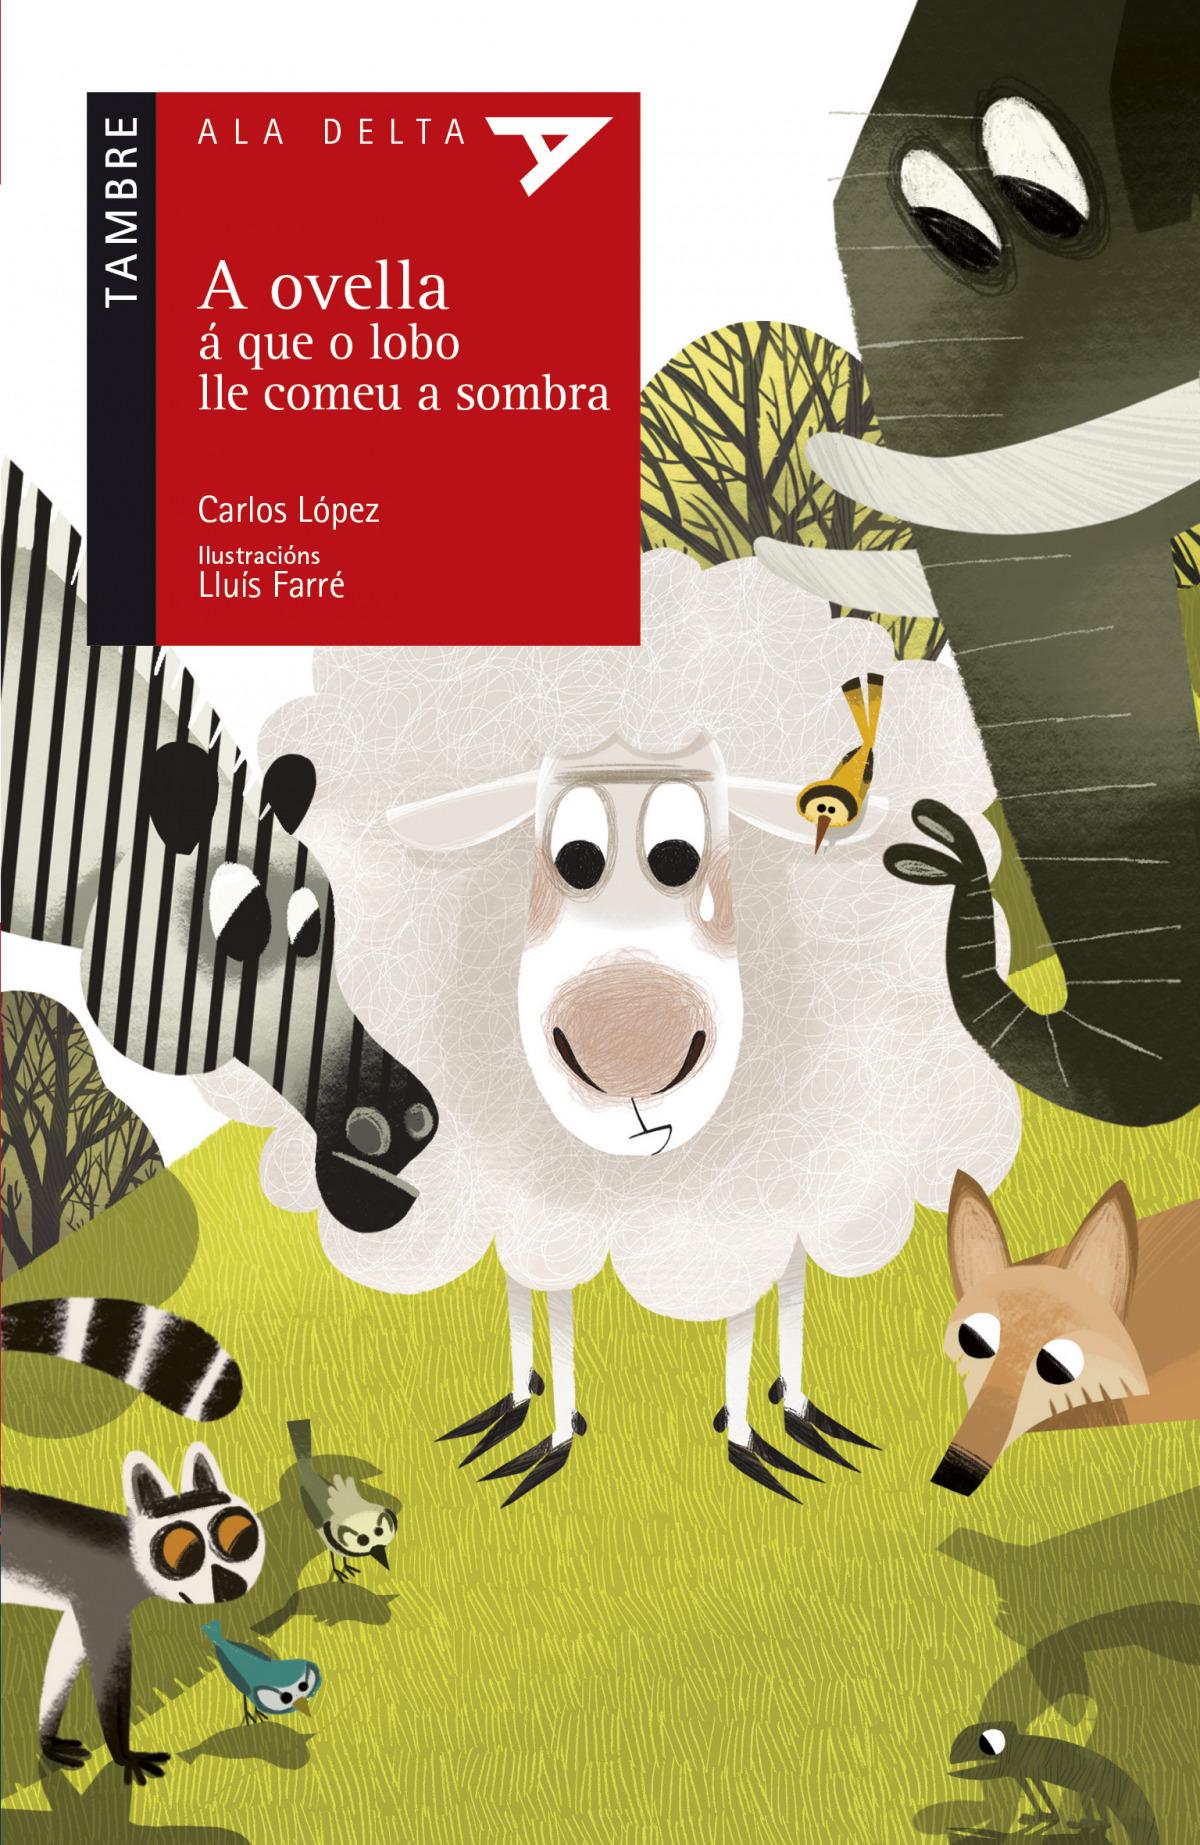 A ovella á que o lobo lle comeu a sombra